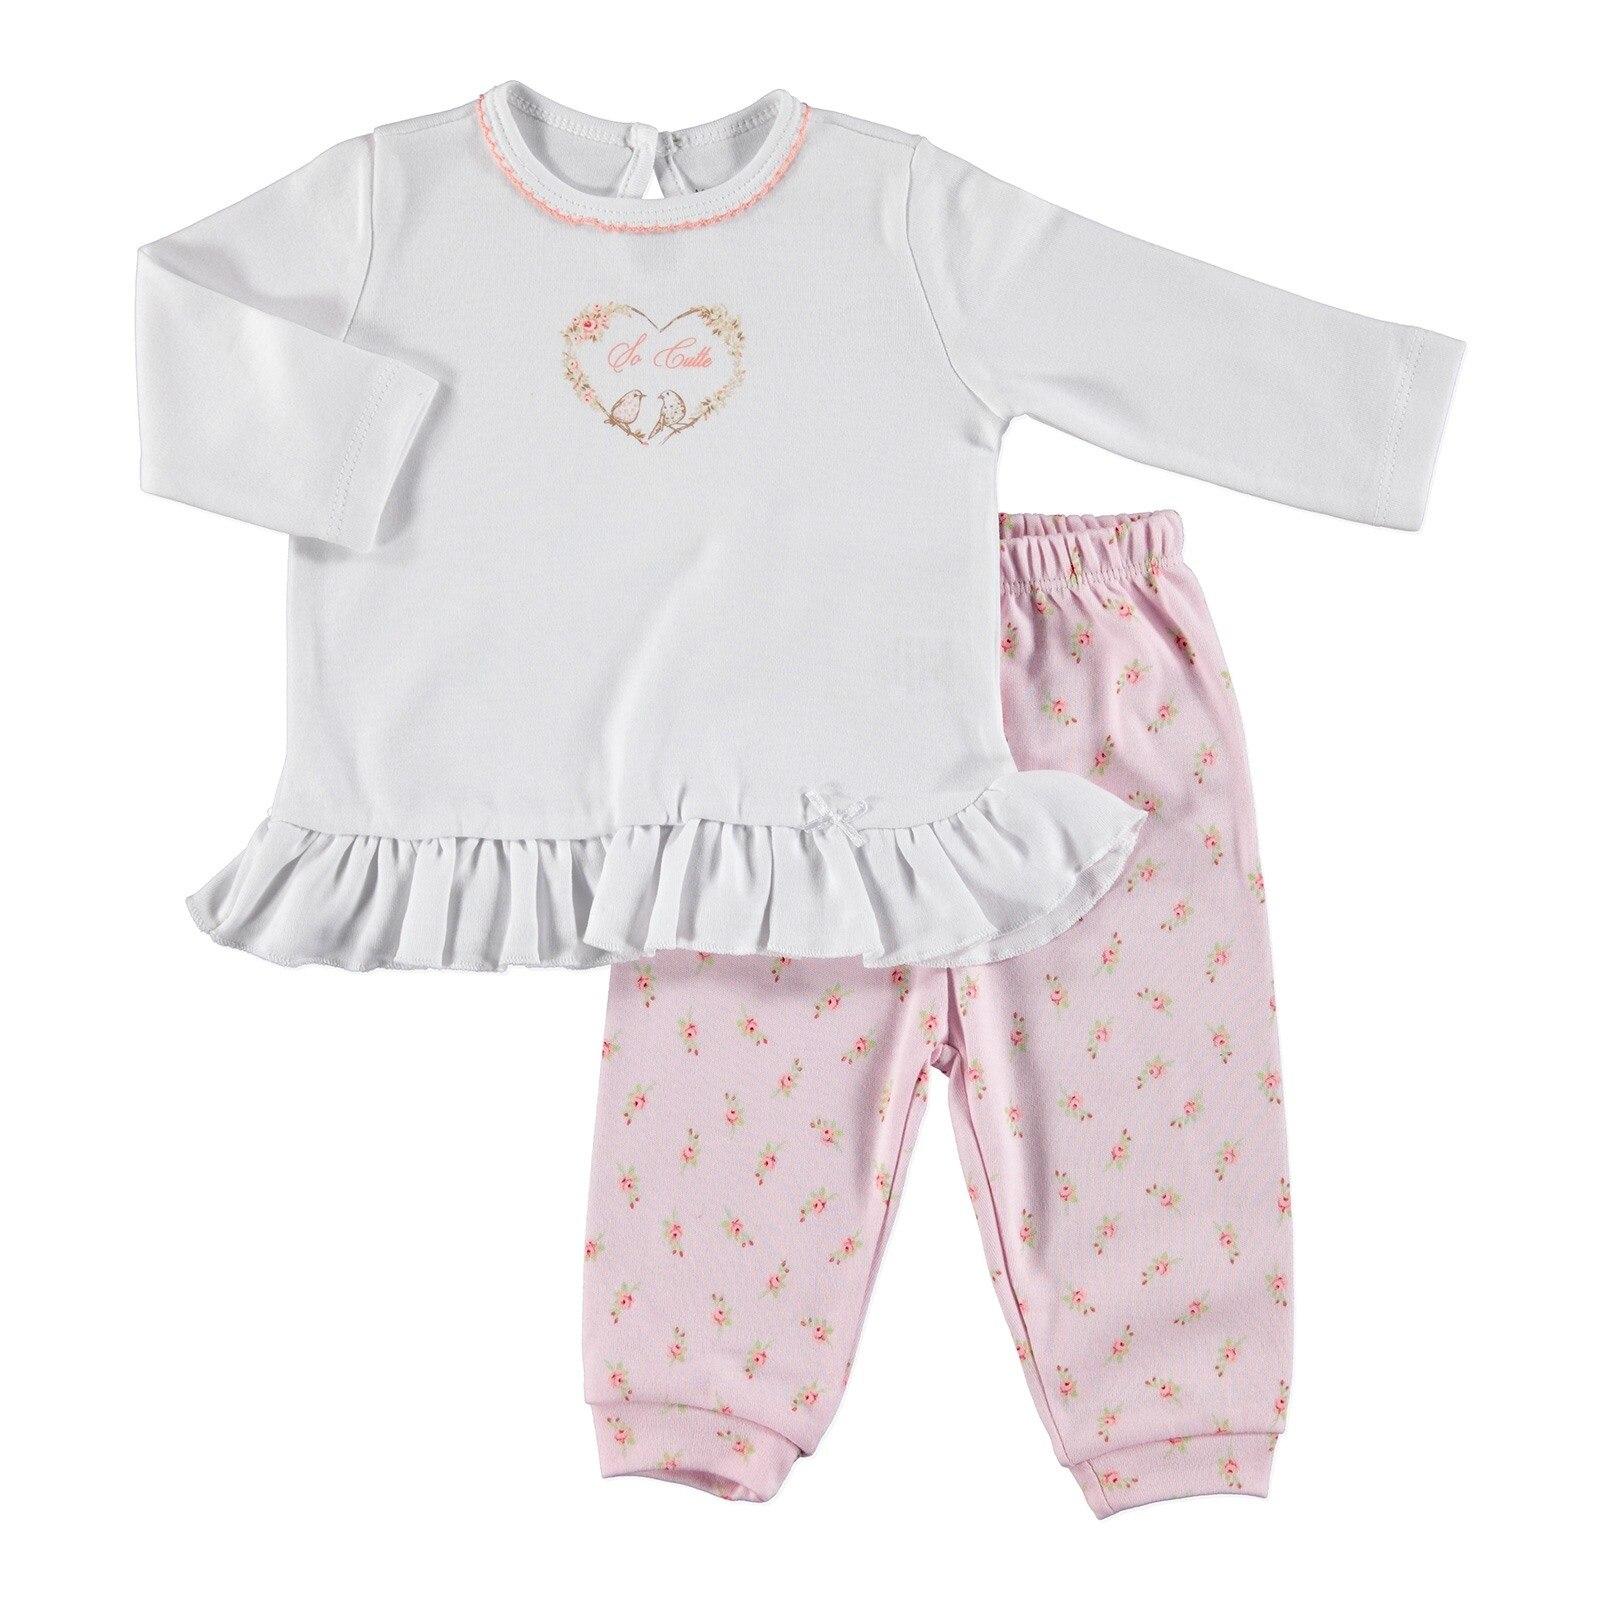 Ebebek HelloBaby Little Flowers Baby Pyjamas Set